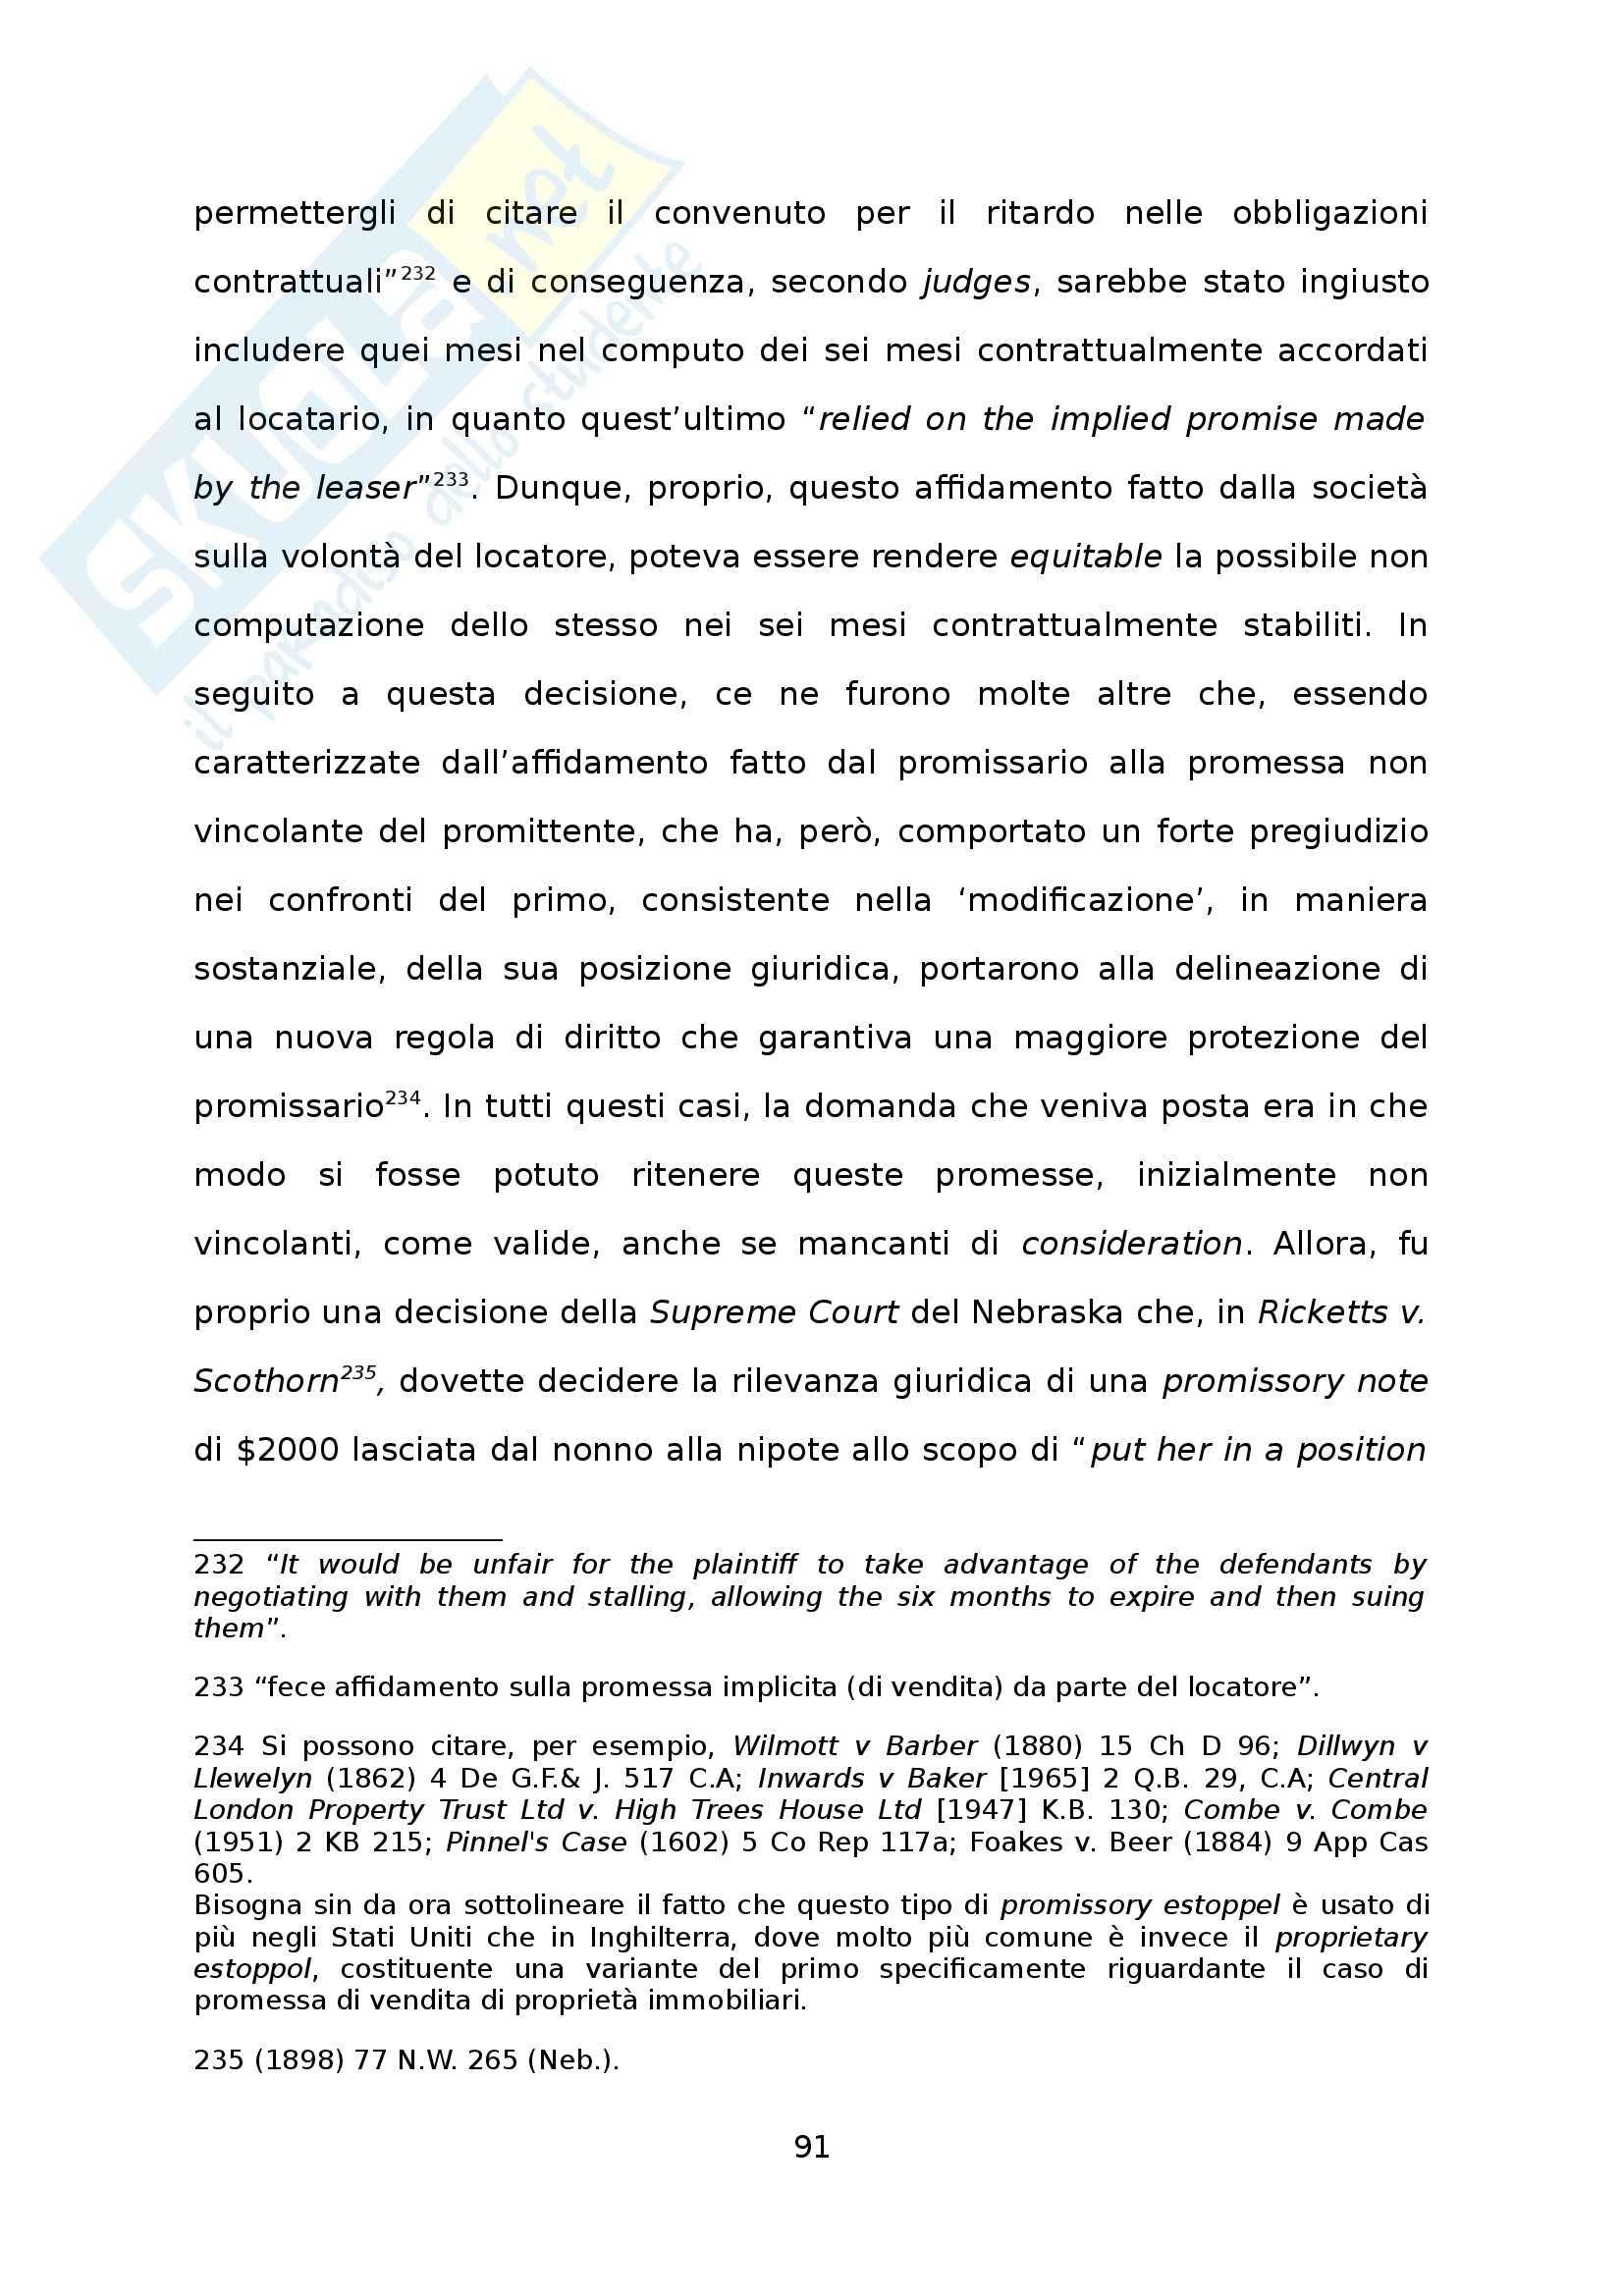 Causa, Consideration e loro influenza nel diritto privato europeo - Tesi Pag. 91